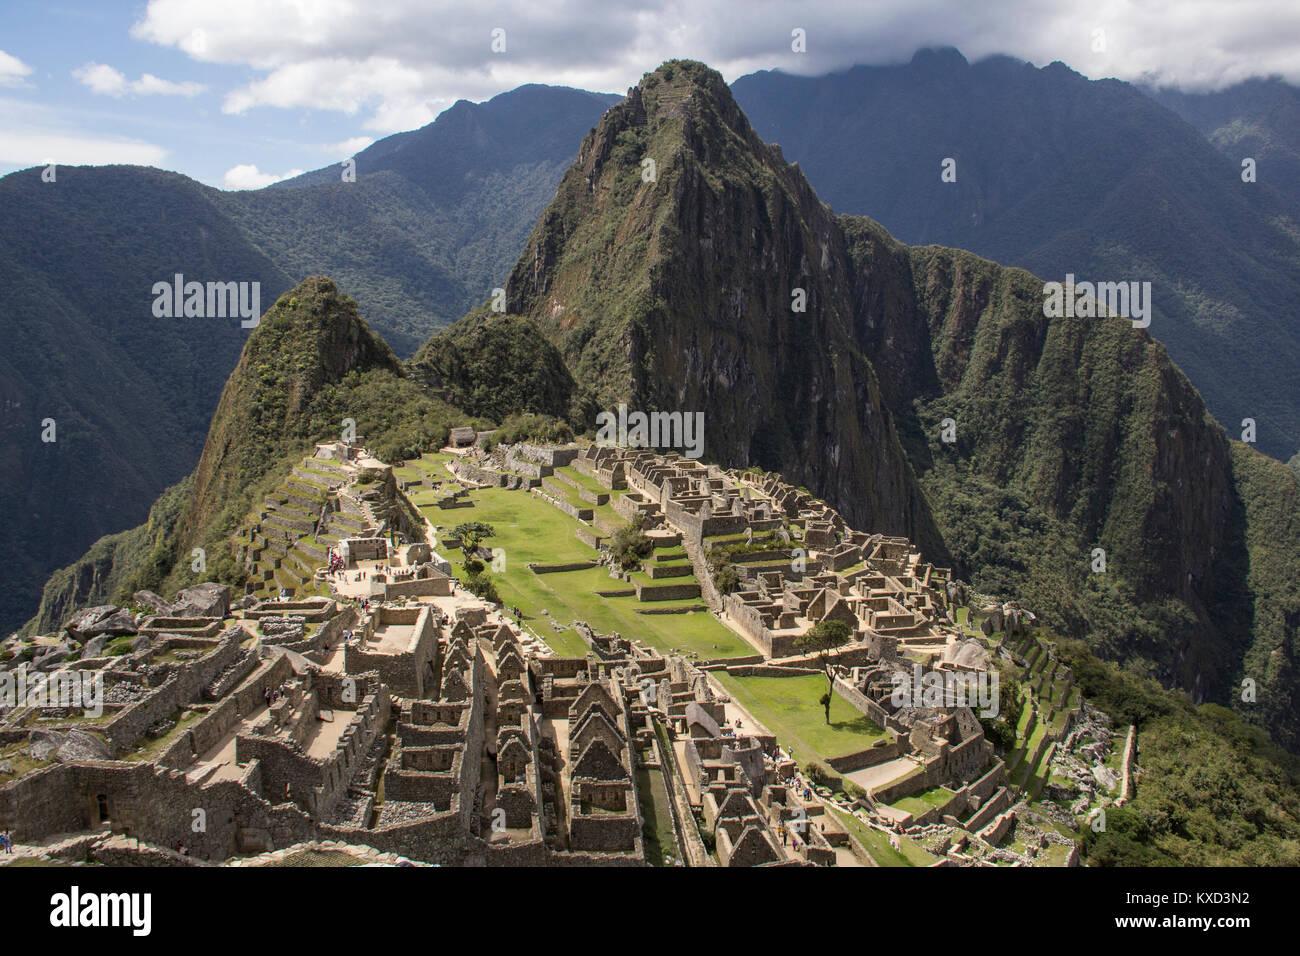 Un alto ángulo de visualización de la vieja ruina contra las montañas Foto de stock